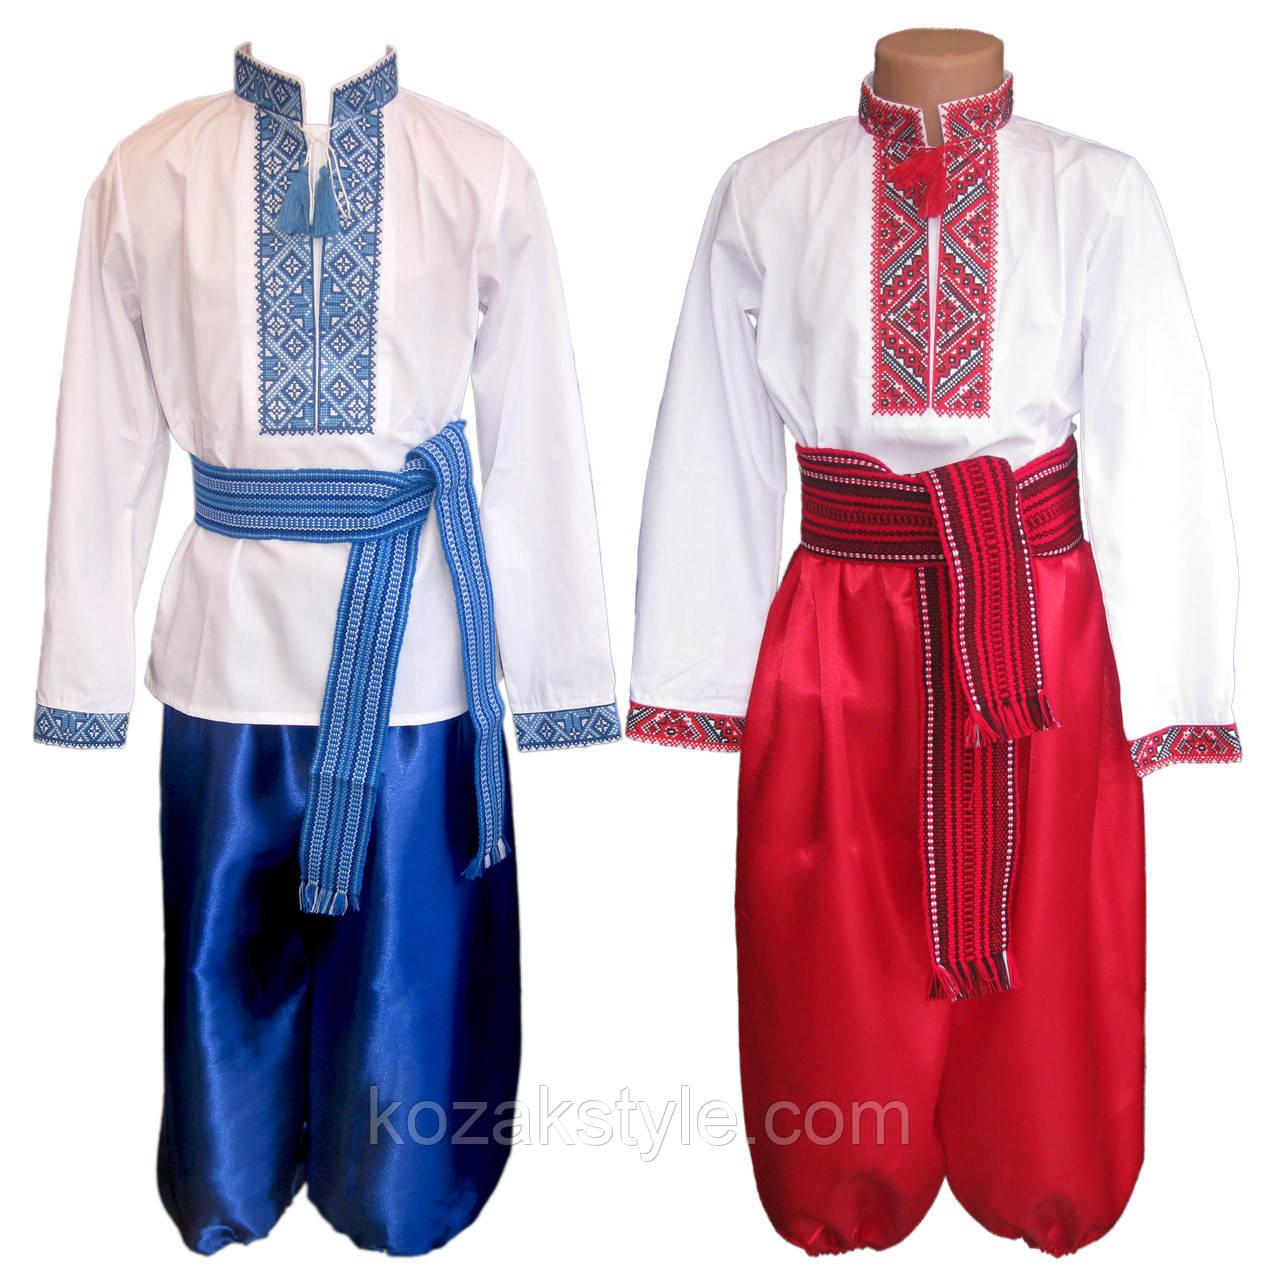 Костюм український для хлопчика ( від 5 по 8 років) - Український одяг.  Патріотичний 0c1f9df1b2532